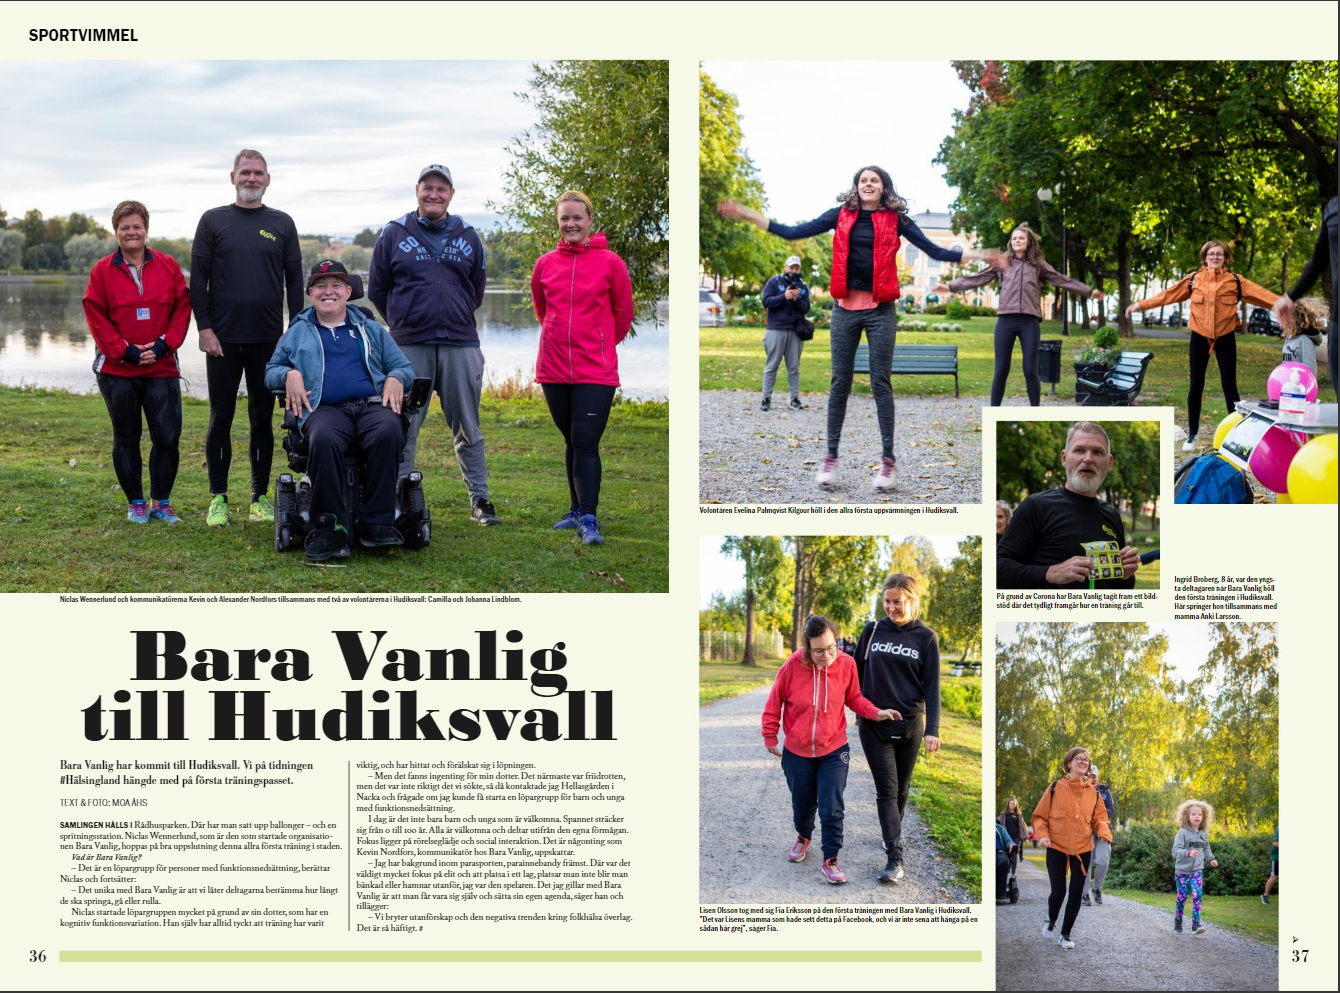 En kollage med bilder från en tidiningsartikel med rubriken Bara Vanlig till Hudiksvall